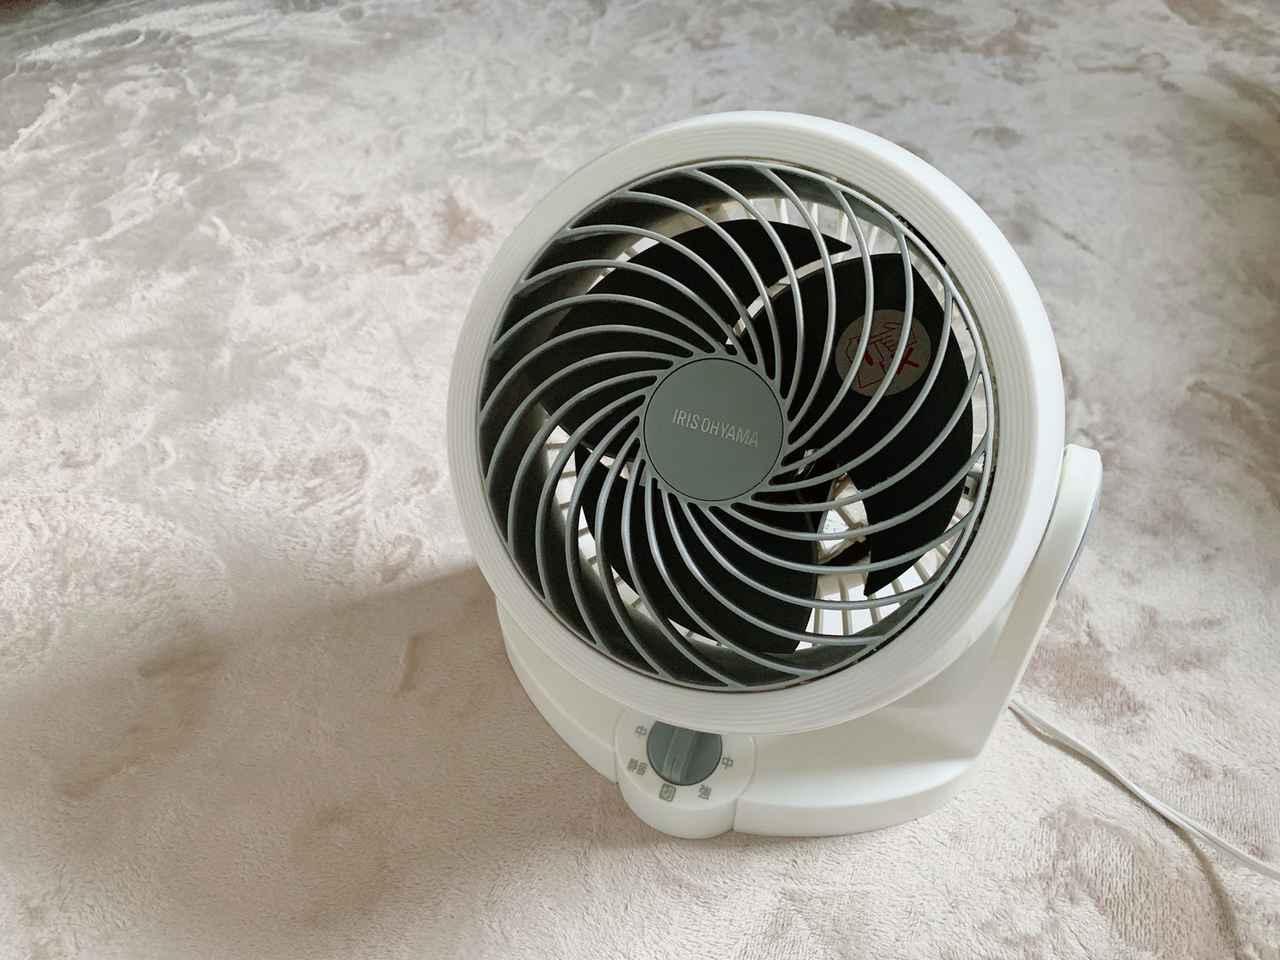 画像: 空気を効率的に循環してくれるサーキュレーターは一年中活躍! 室内でもキャンプにも使える